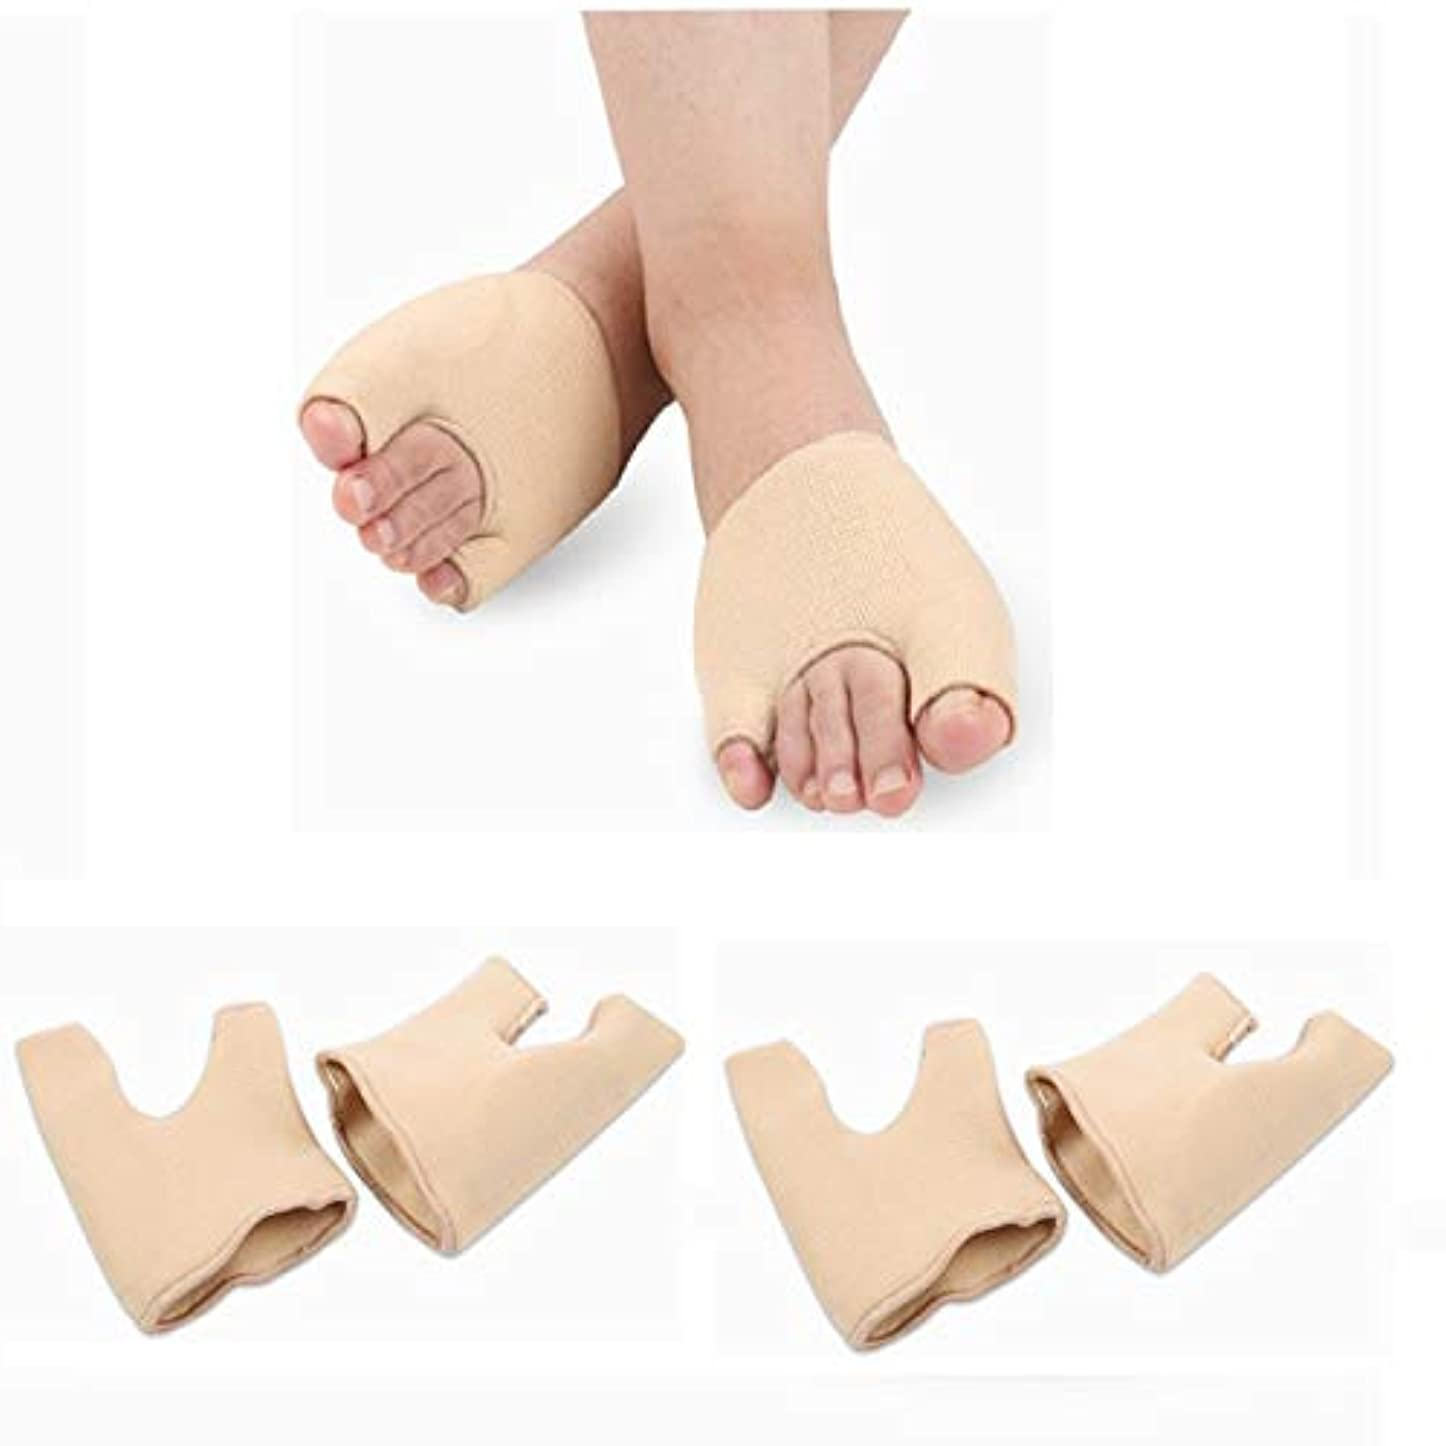 付き添い人腫瘍促すHellery 2組の女性は、ブレースの袖を保護するパッド入りの外反母趾の腱膜瘤をゲル化